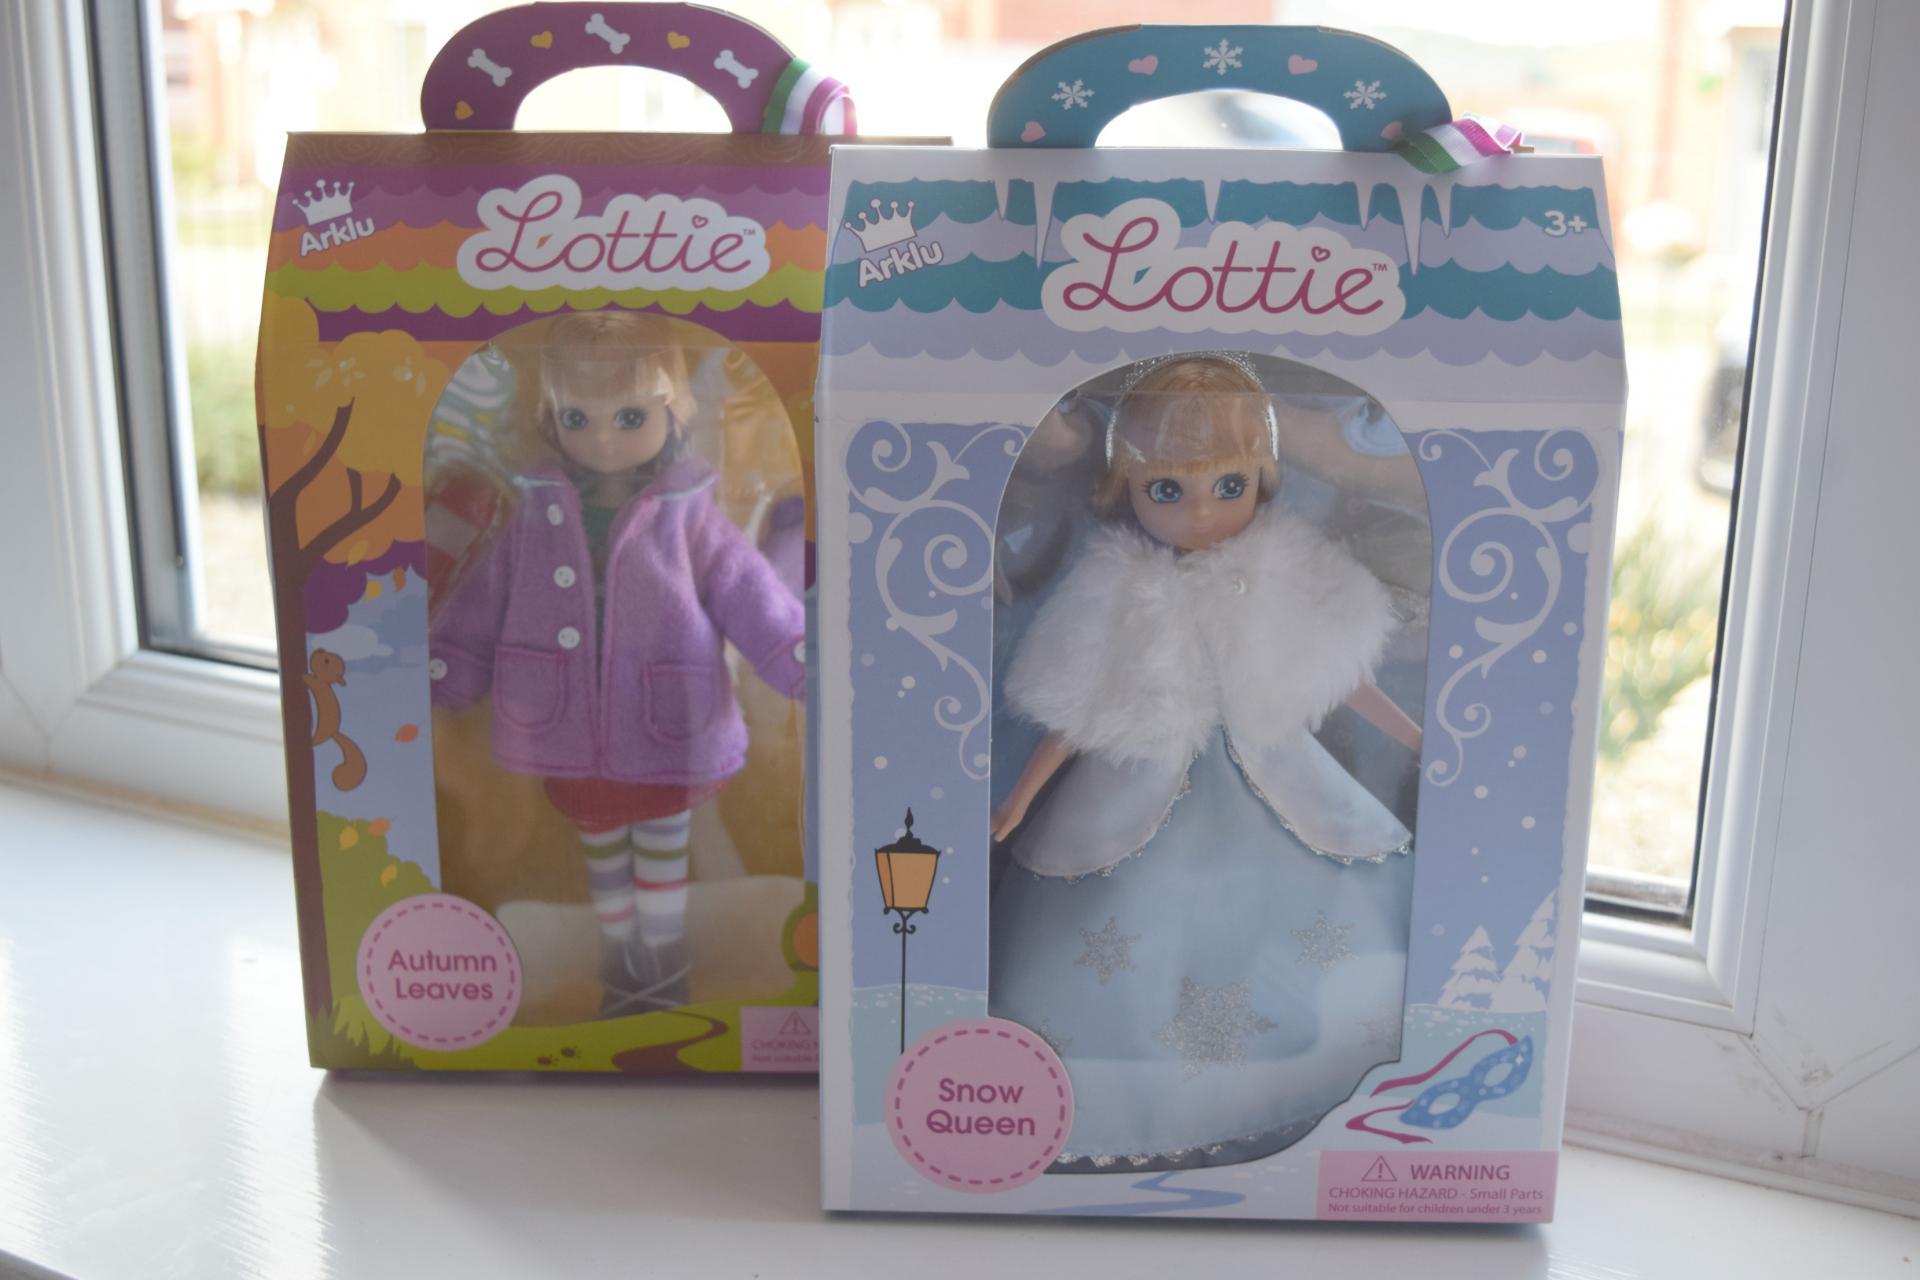 Lottie dolls